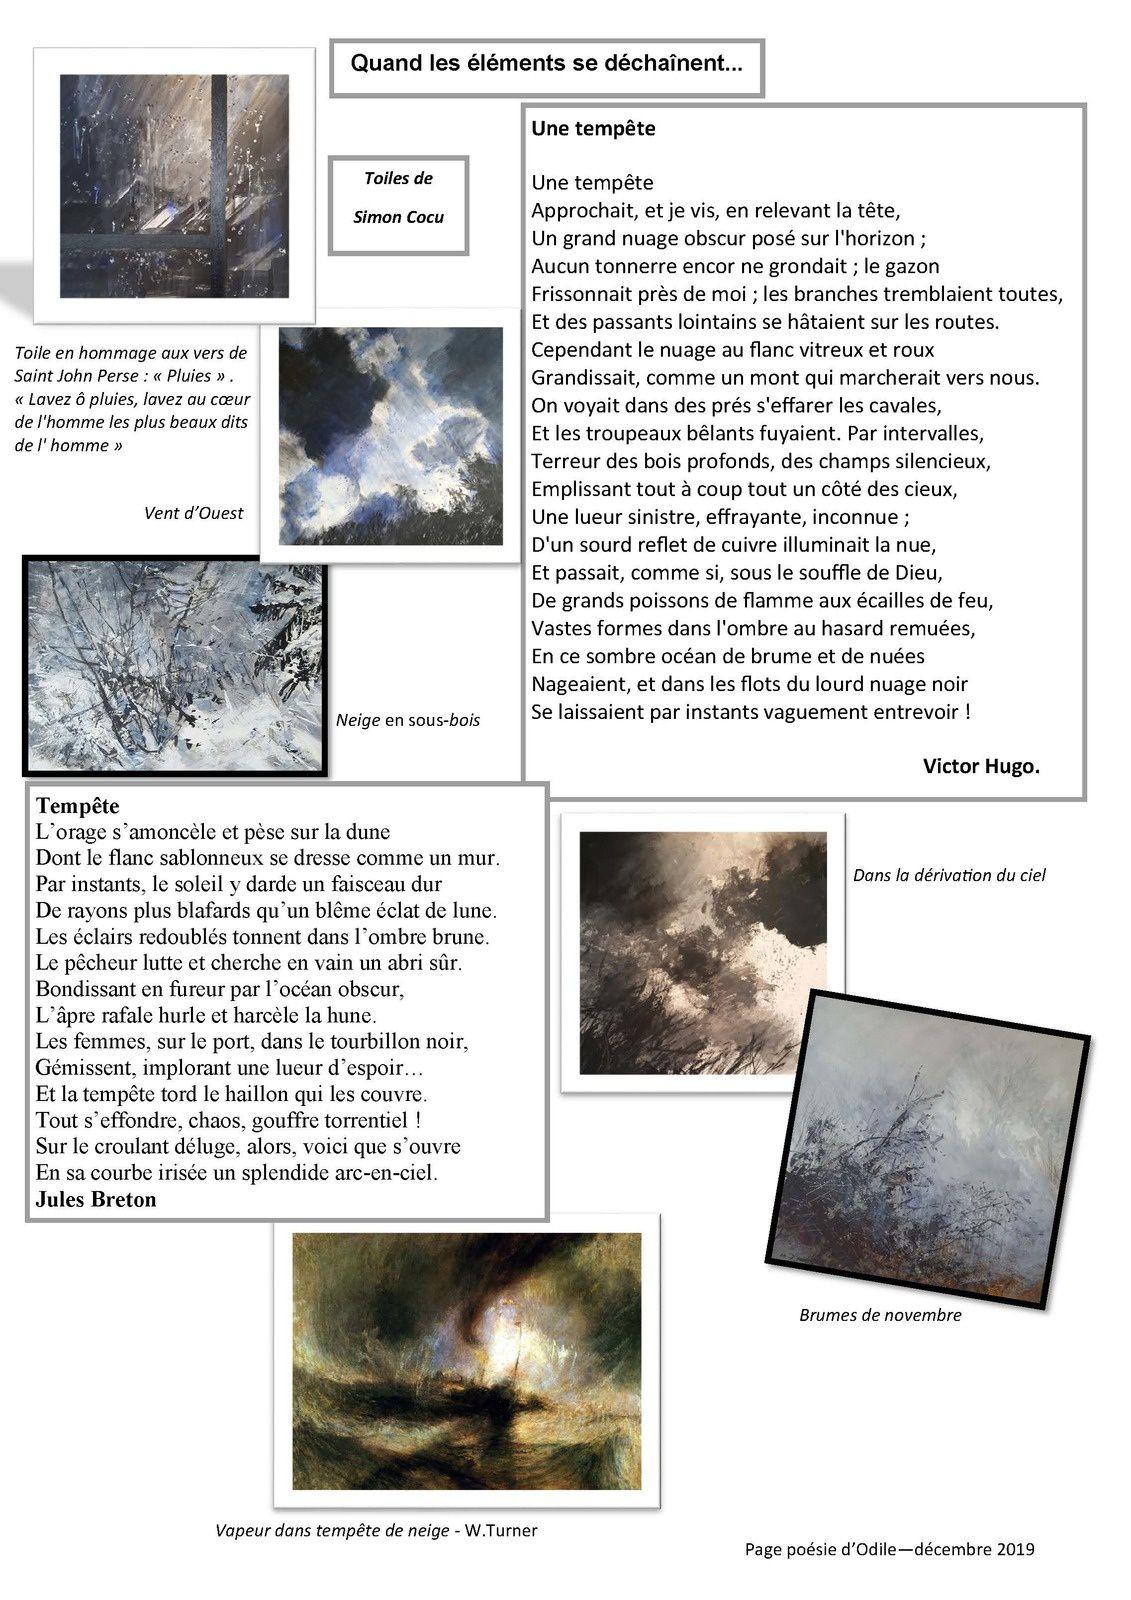 La page poésie d'Odile  ;«Quand les éléments se déchaînent»